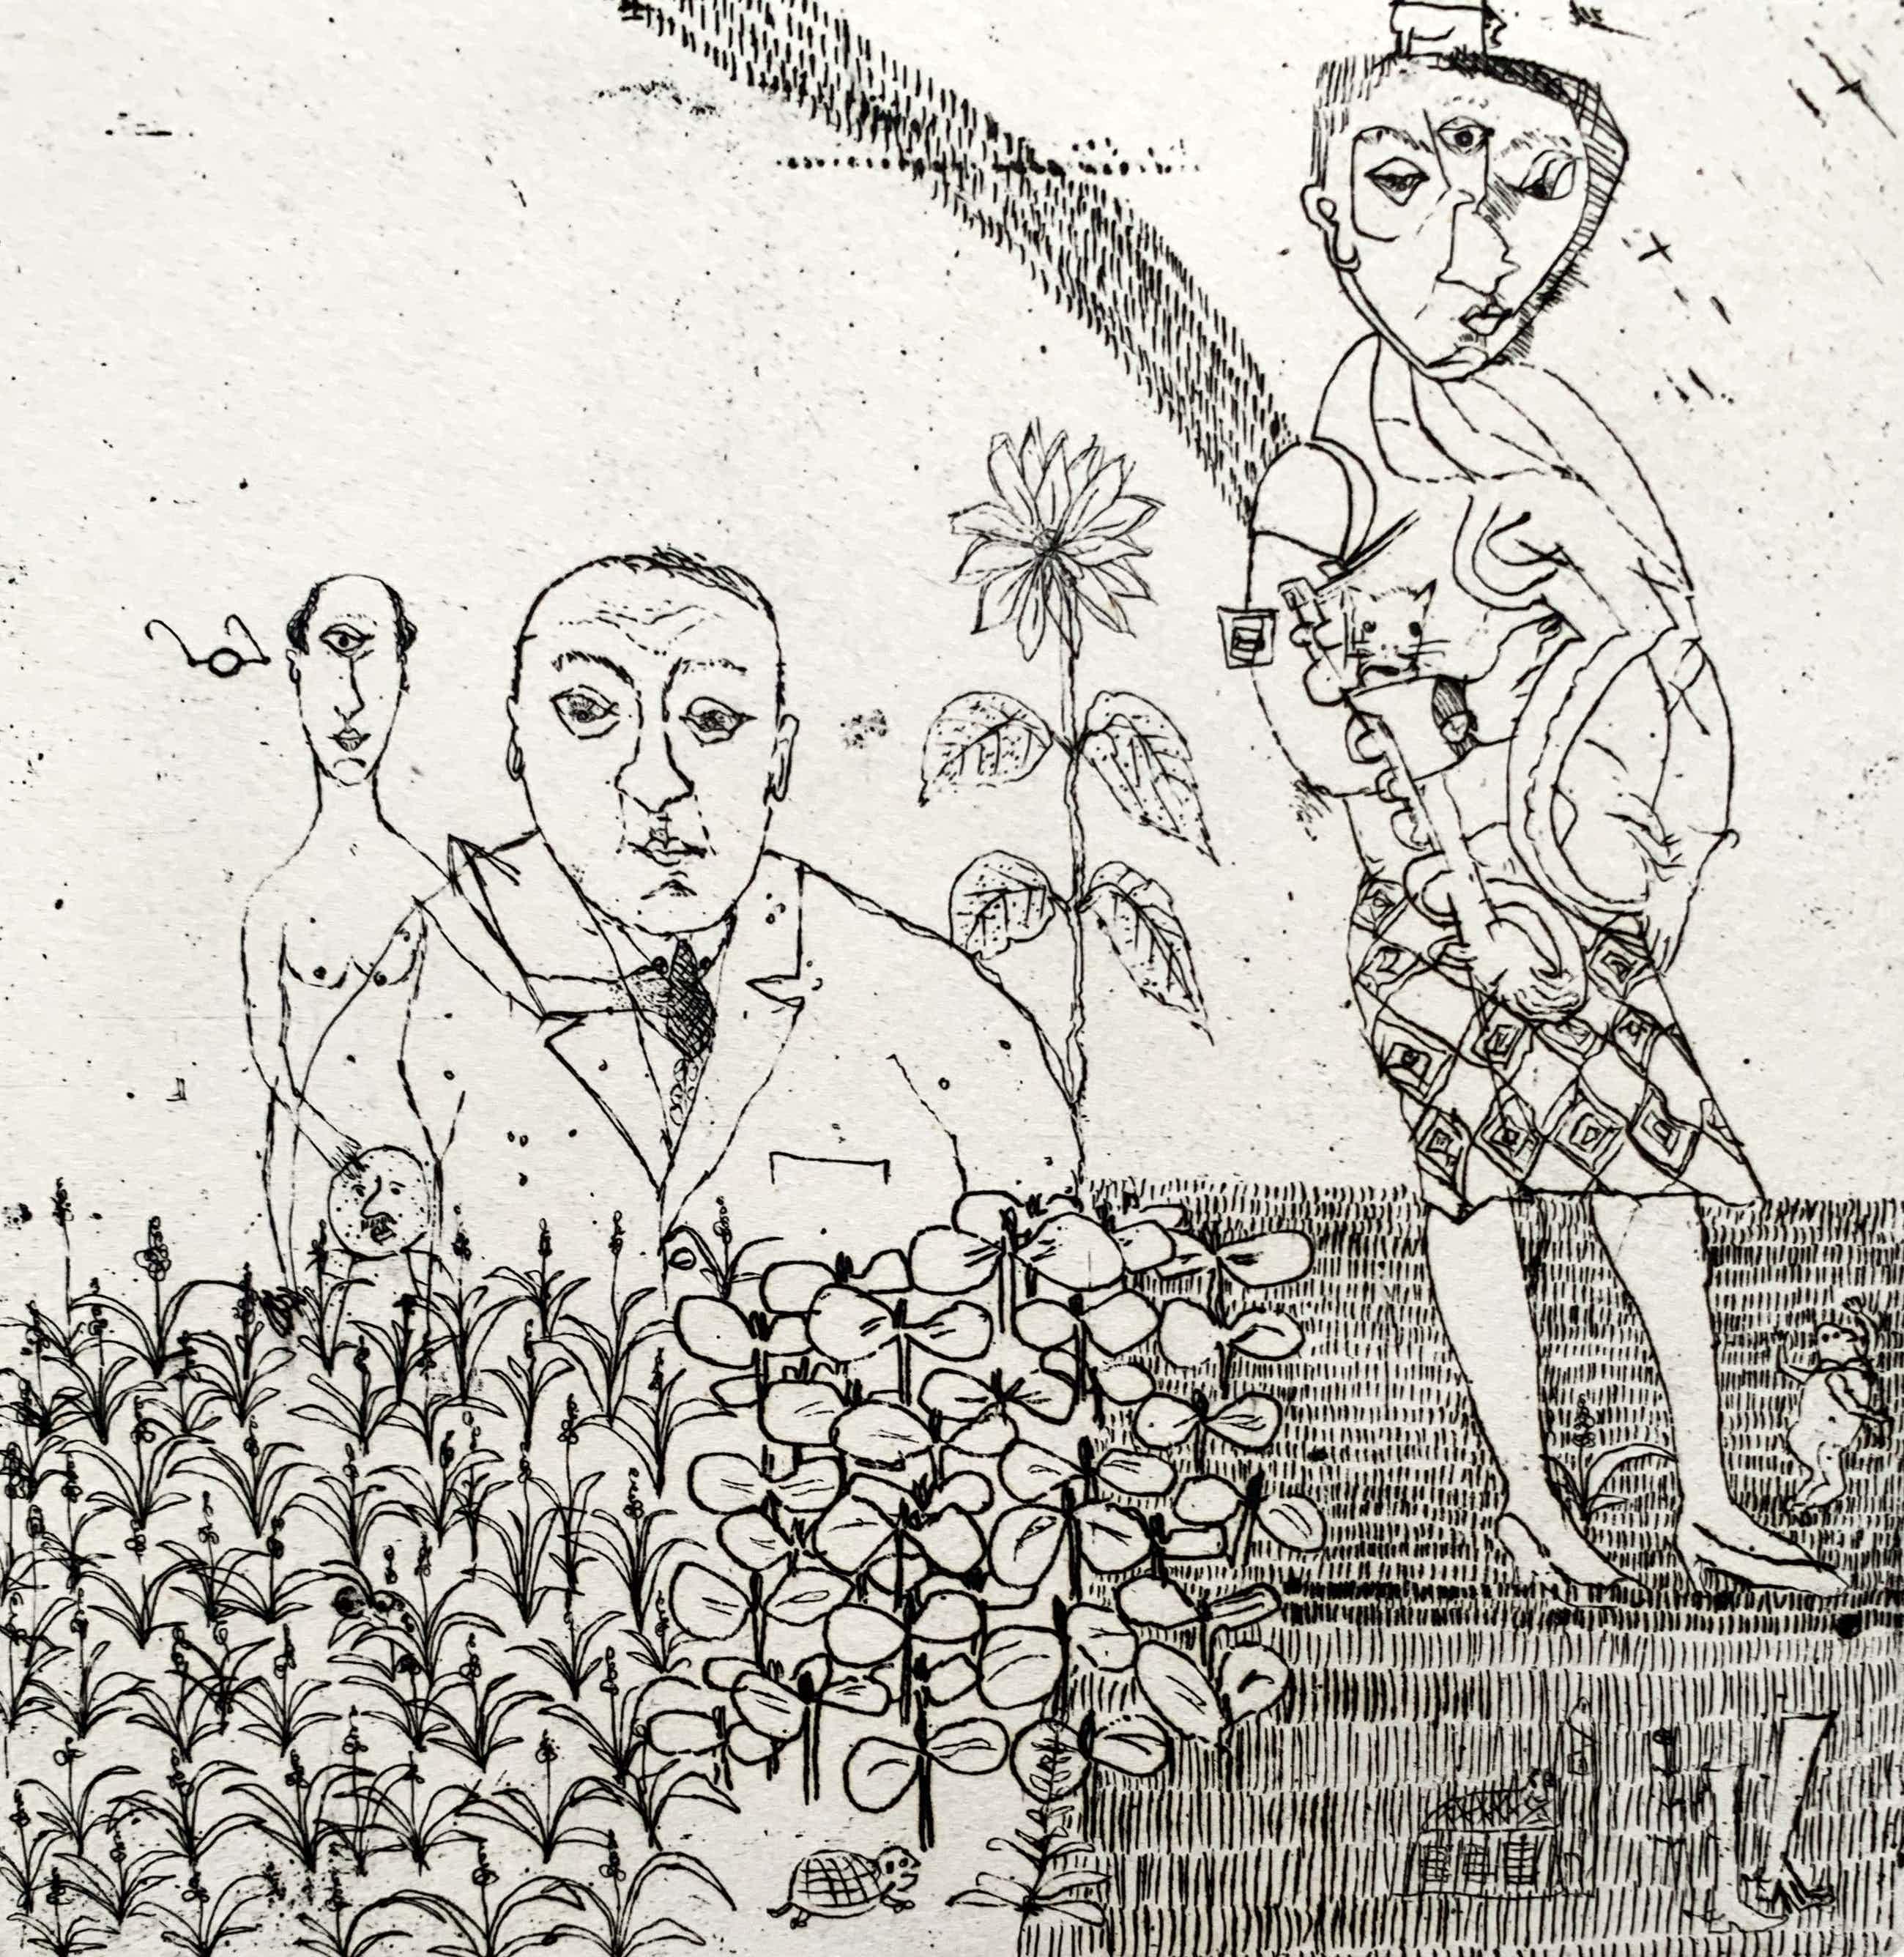 Sipke Huismans - ets | 'Een grote dorst' | 1967 kopen? Bied vanaf 60!